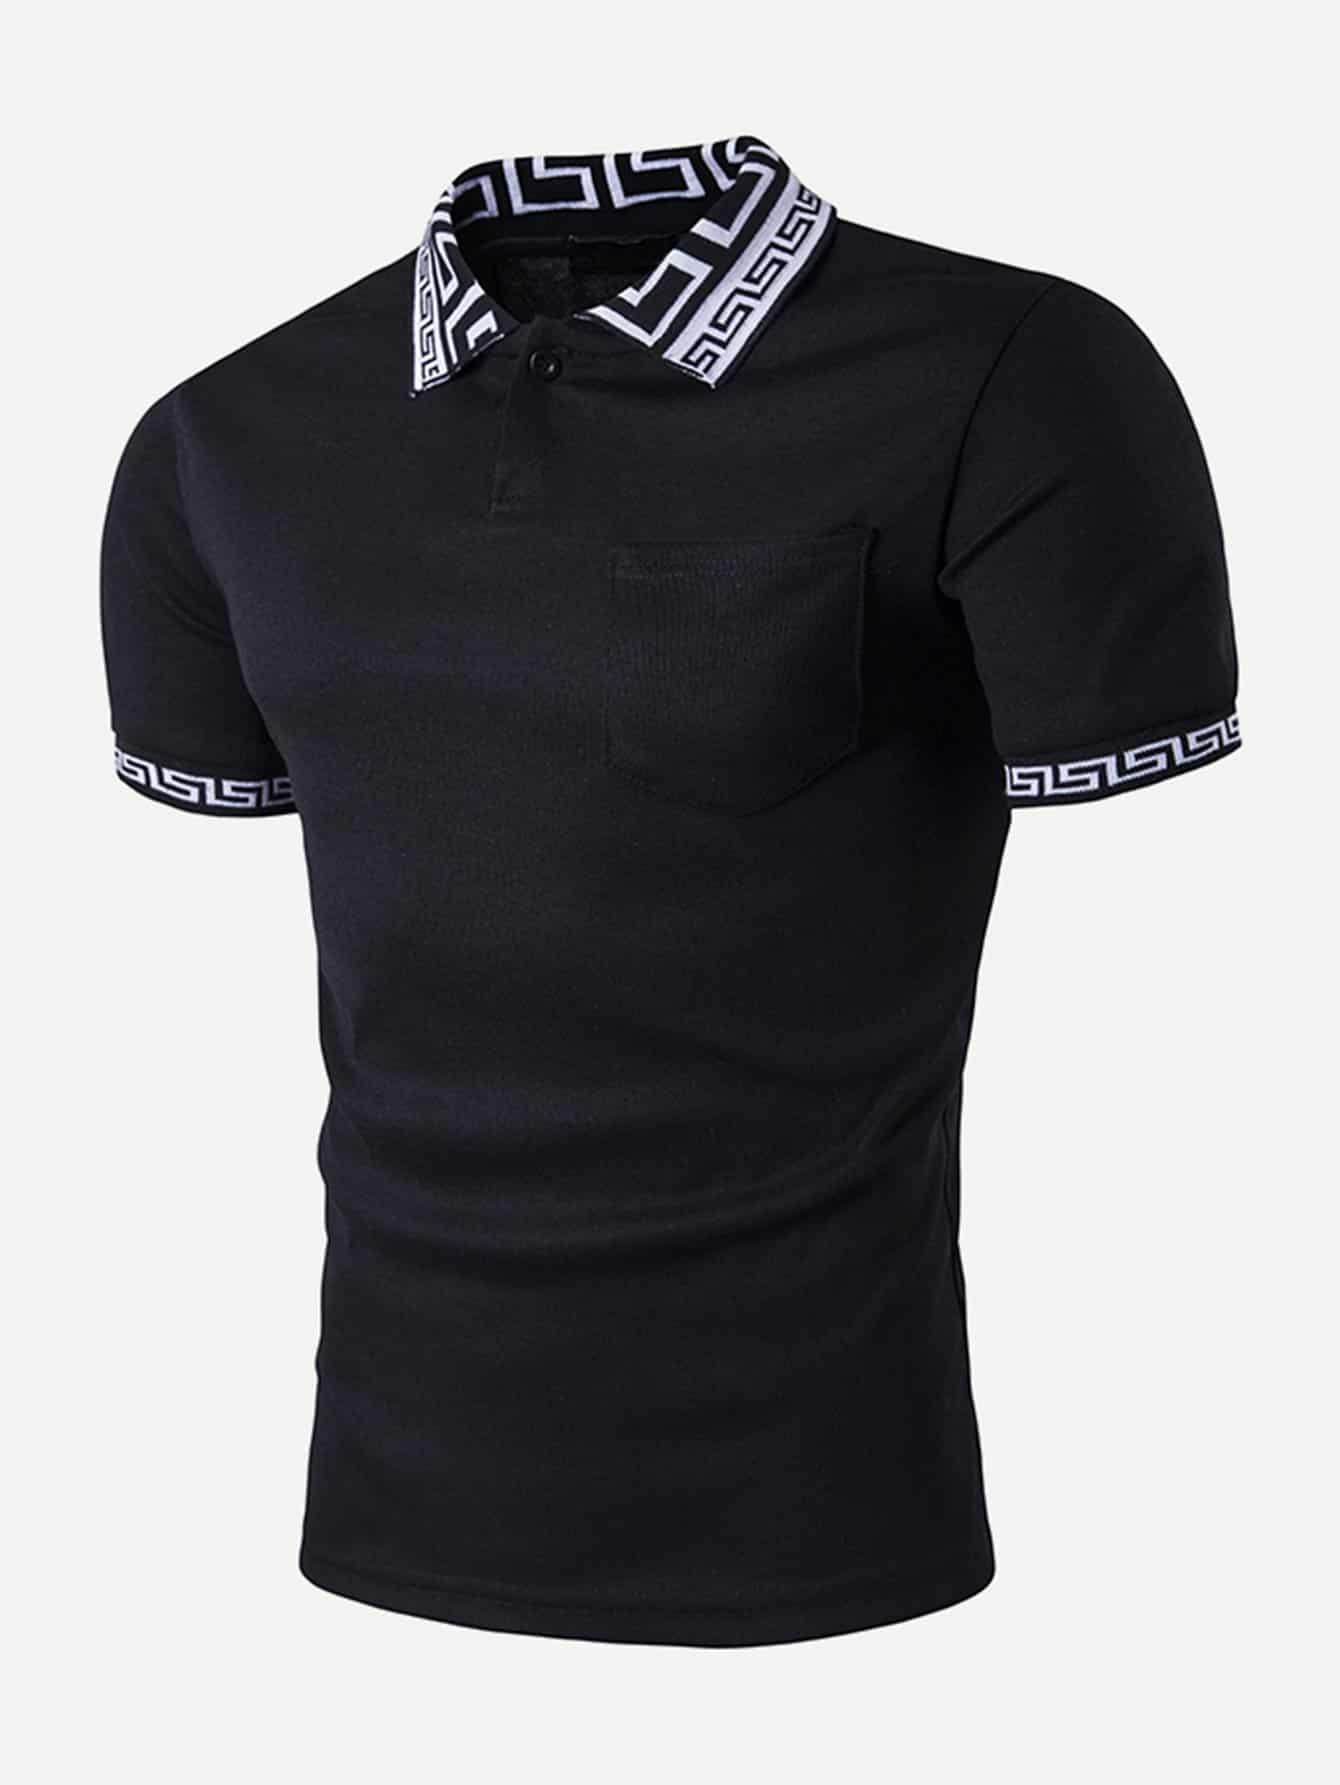 Поло футболка и с рисунком эллинского ключей для мужчины, null, SheIn  - купить со скидкой